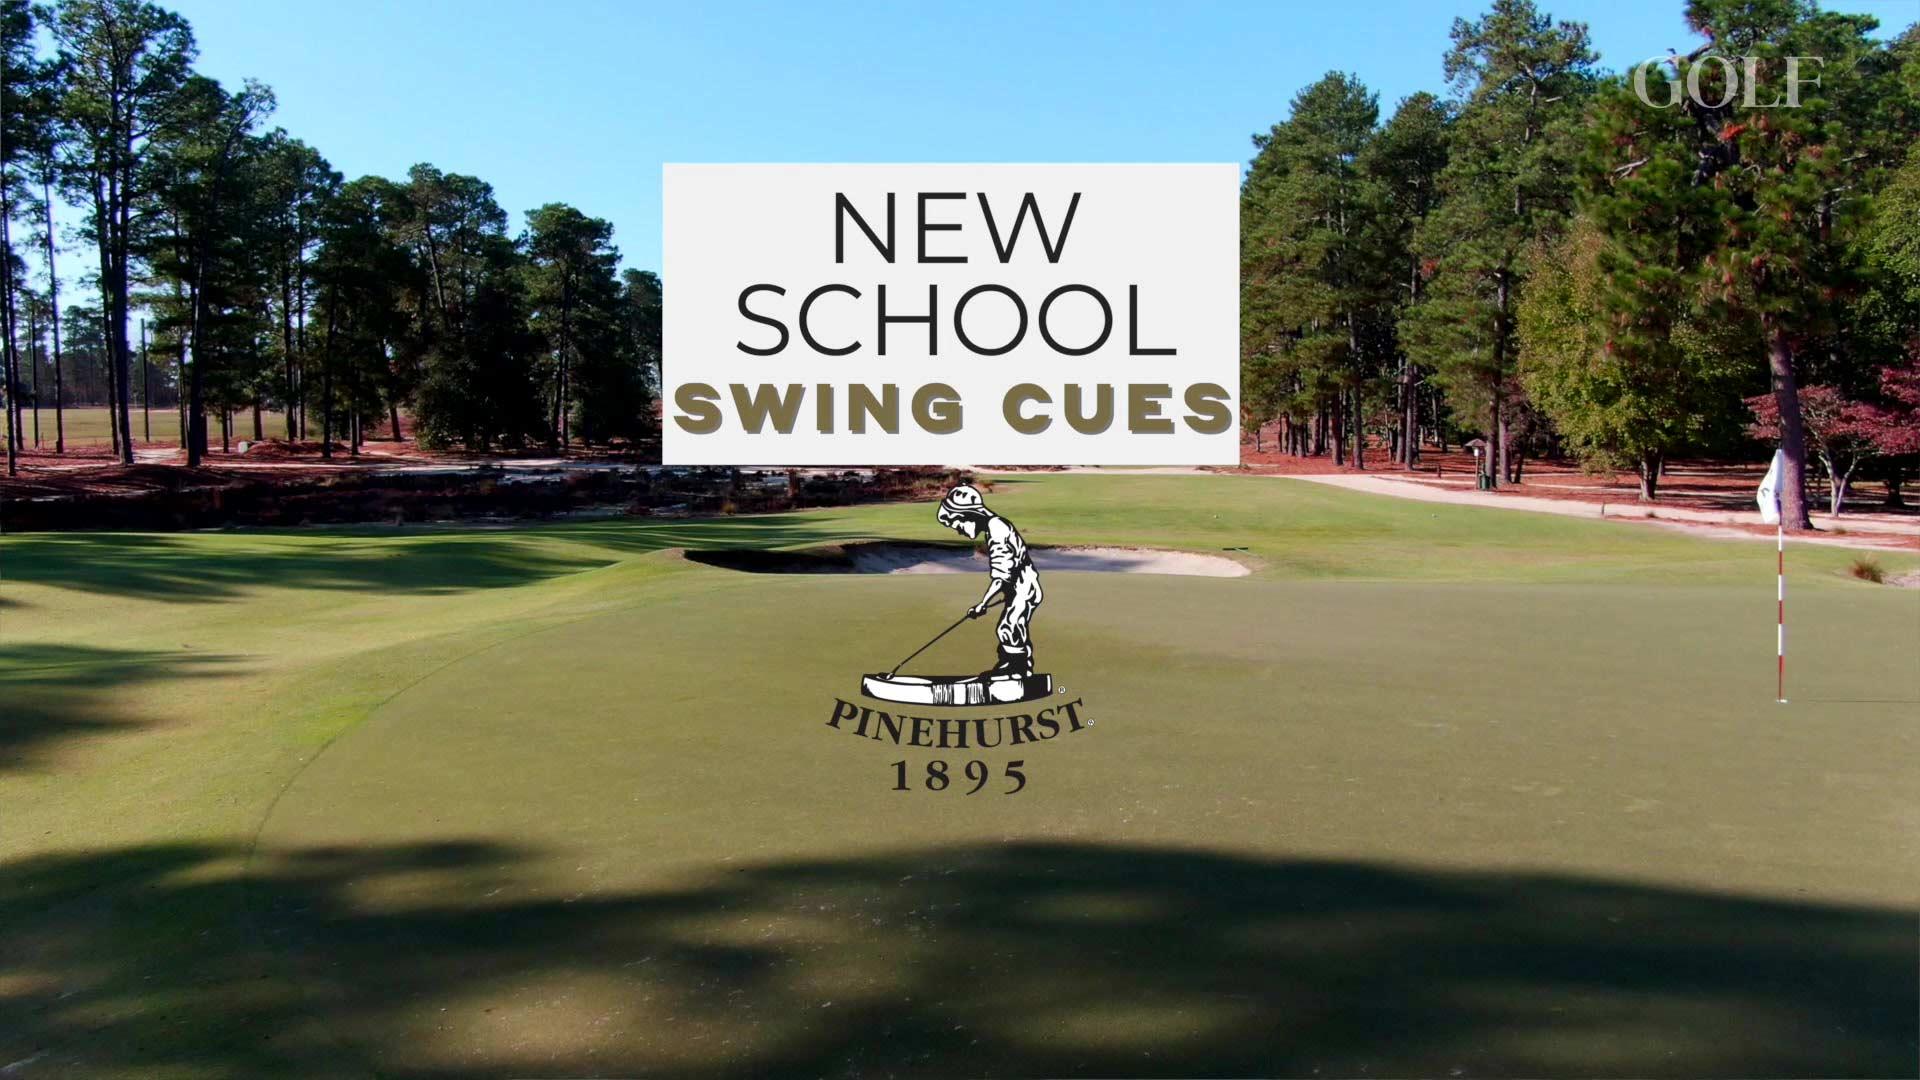 New School: Swing Cues